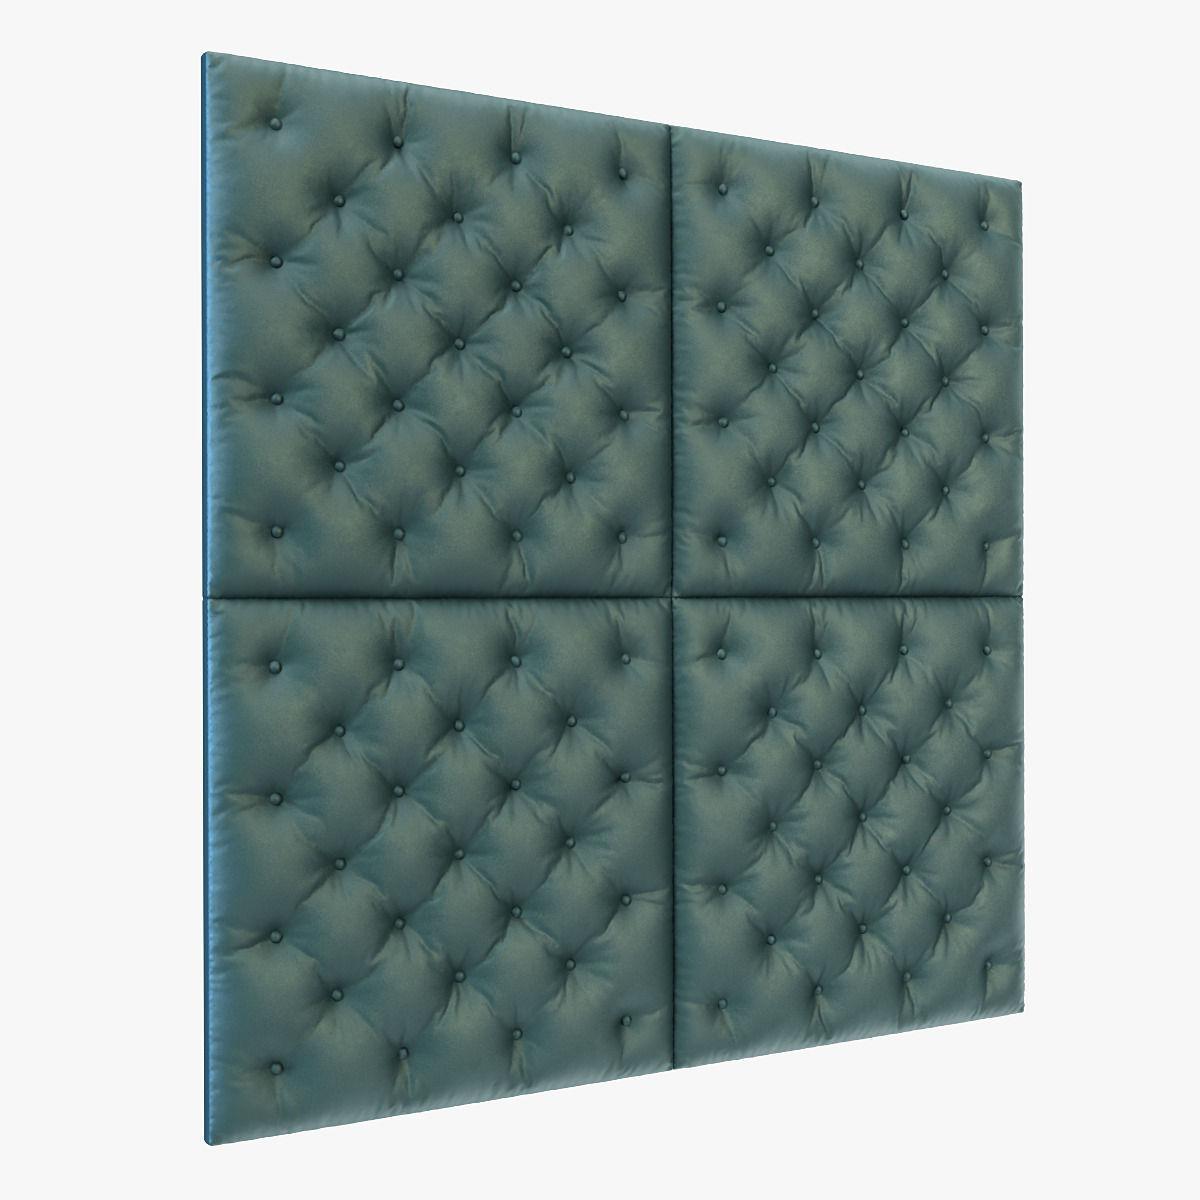 ... Decorative Wall Panel 3d Model Max Obj Fbx Mtl 3 ...